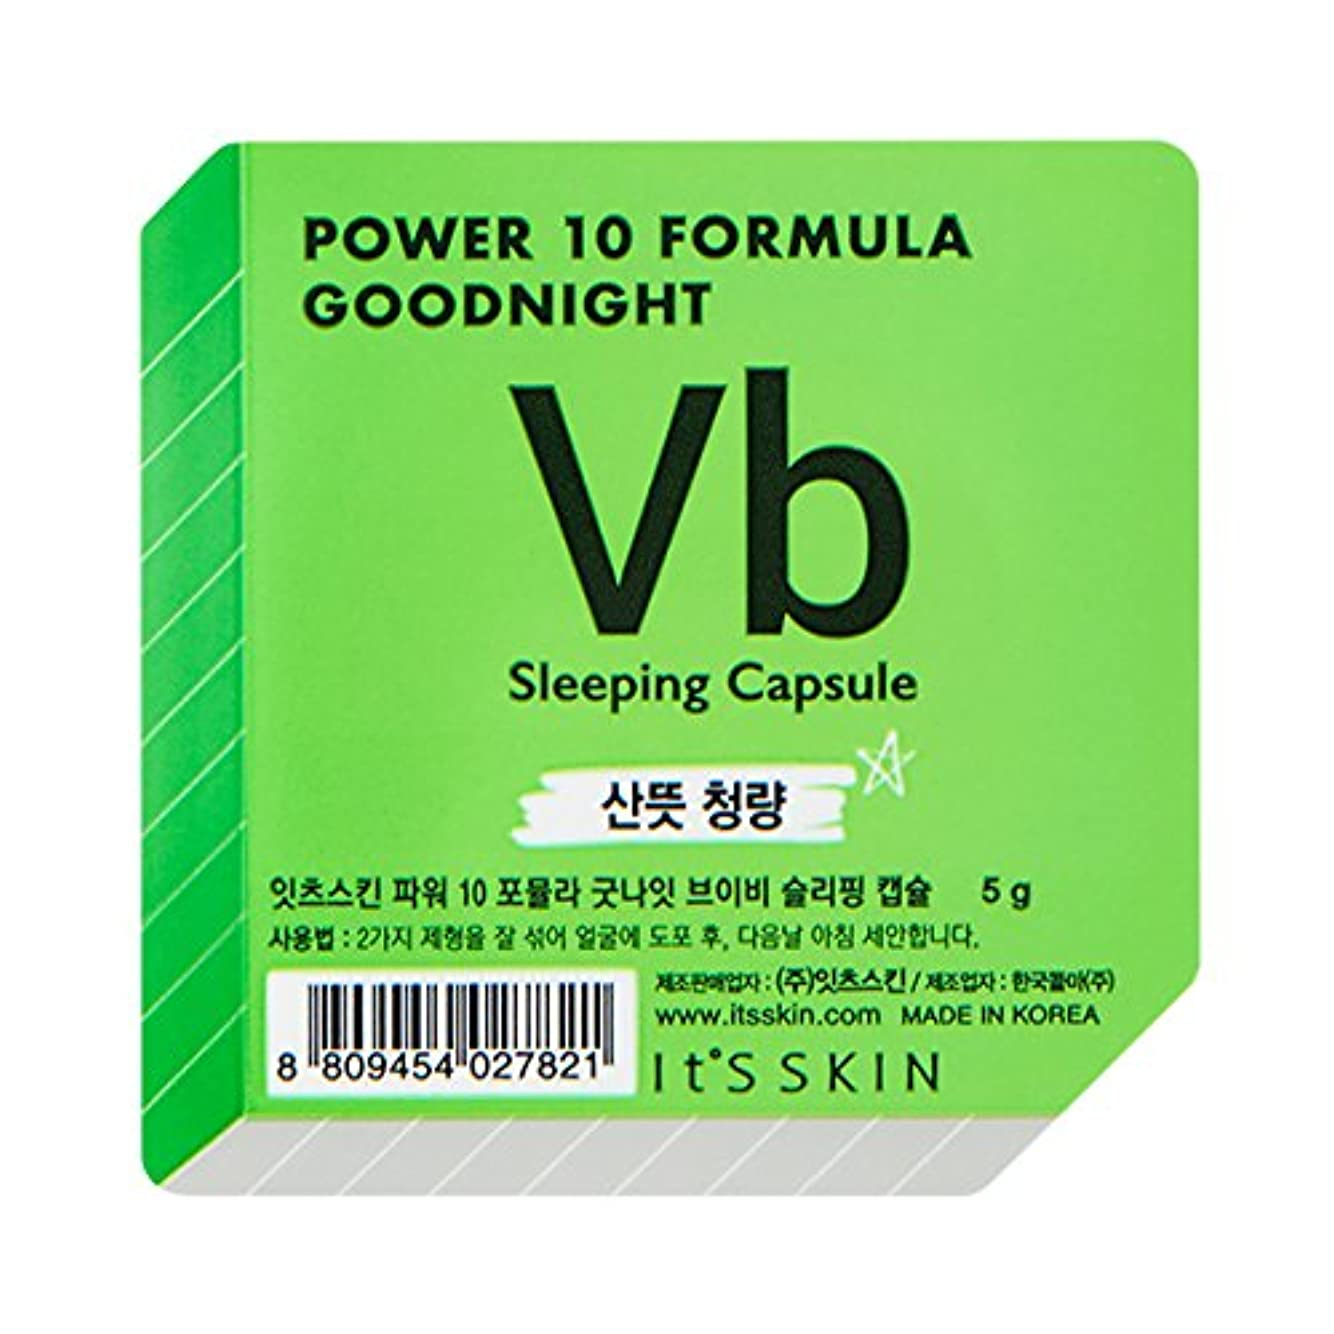 復活するはっきりしないしなやかなイッツスキン パワー10フォーミュラ #VB(肌ストレス) グッドナイトスリーピングカプセル 5g×2個セット/It's skin Power10 Formula #VB Good Night Sleeping Capsule...